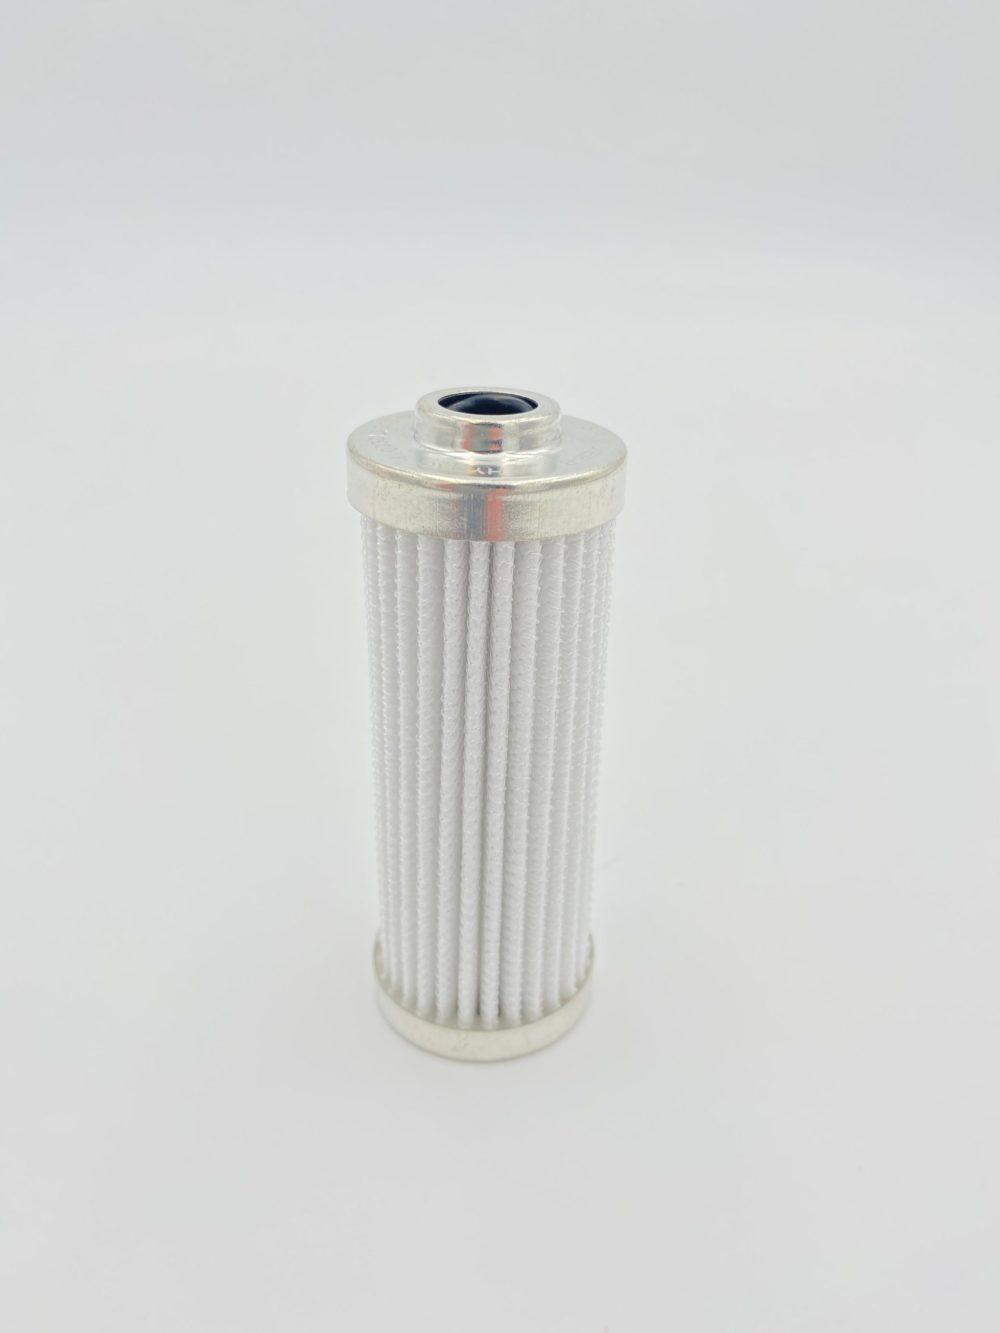 Hydac Filter 0030 D 010 BN4HC - 1250486 for RMT S-SMART CM 21-26 Bandsaws